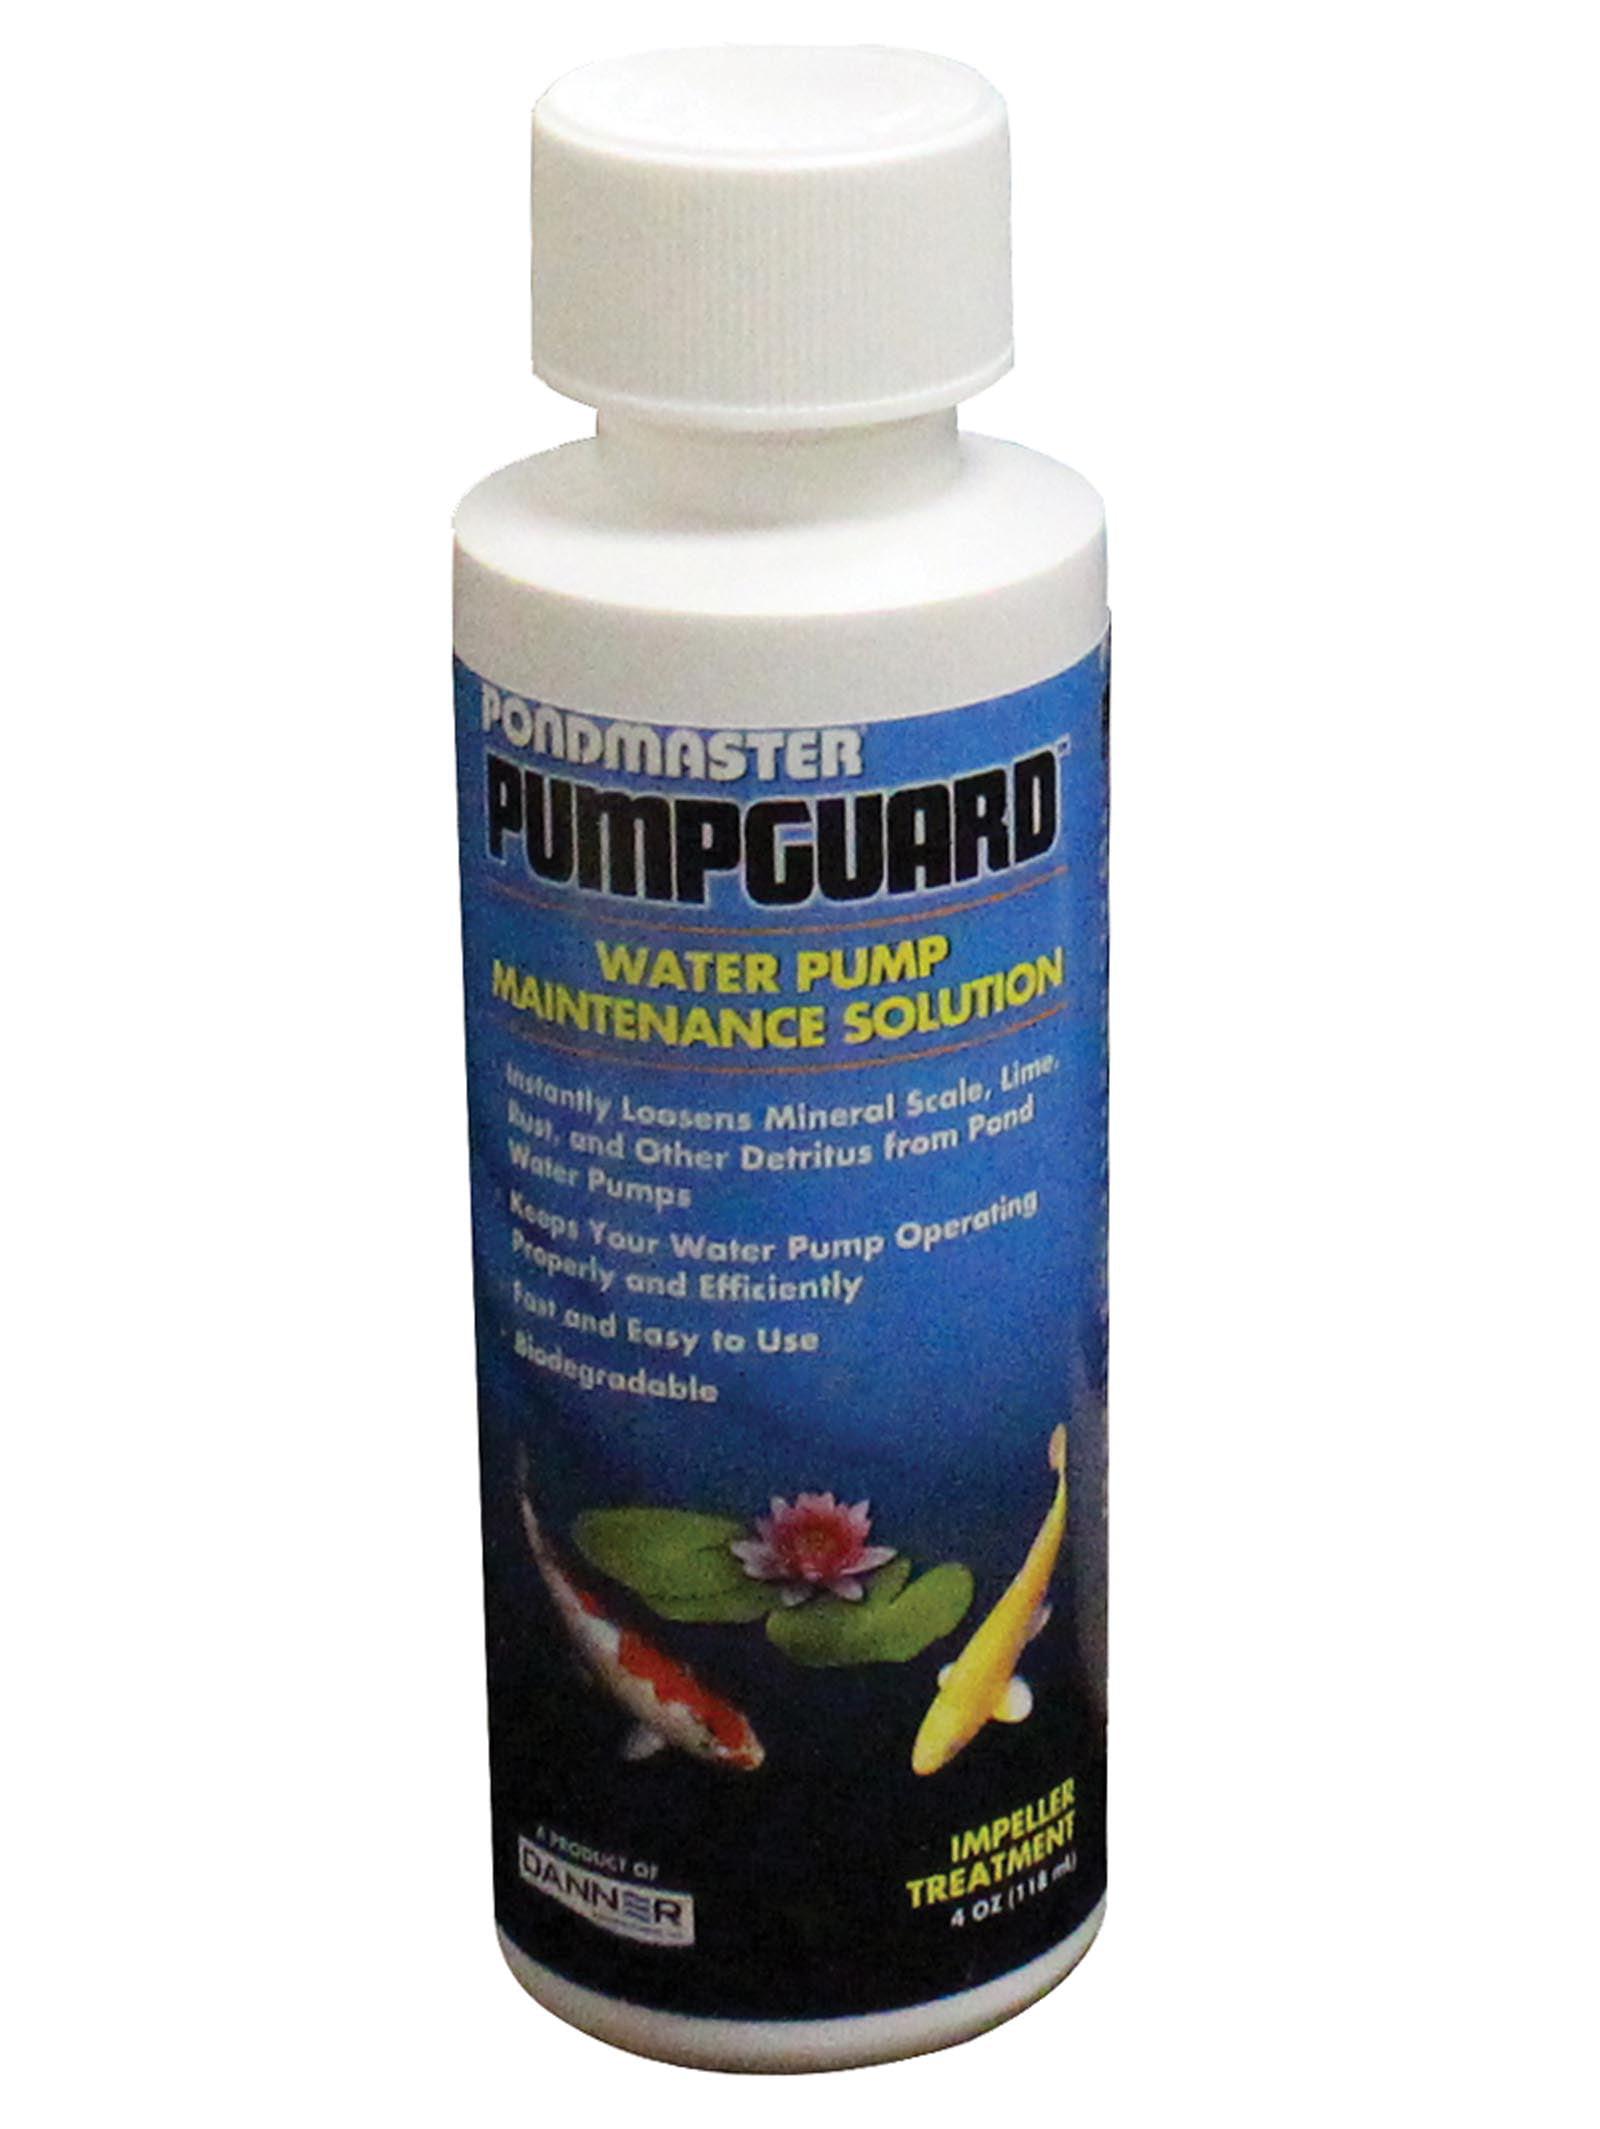 Pondmaster PumpGuard 03905 Garden Pond Water Pump Maintenance Solution | 4 oz. by